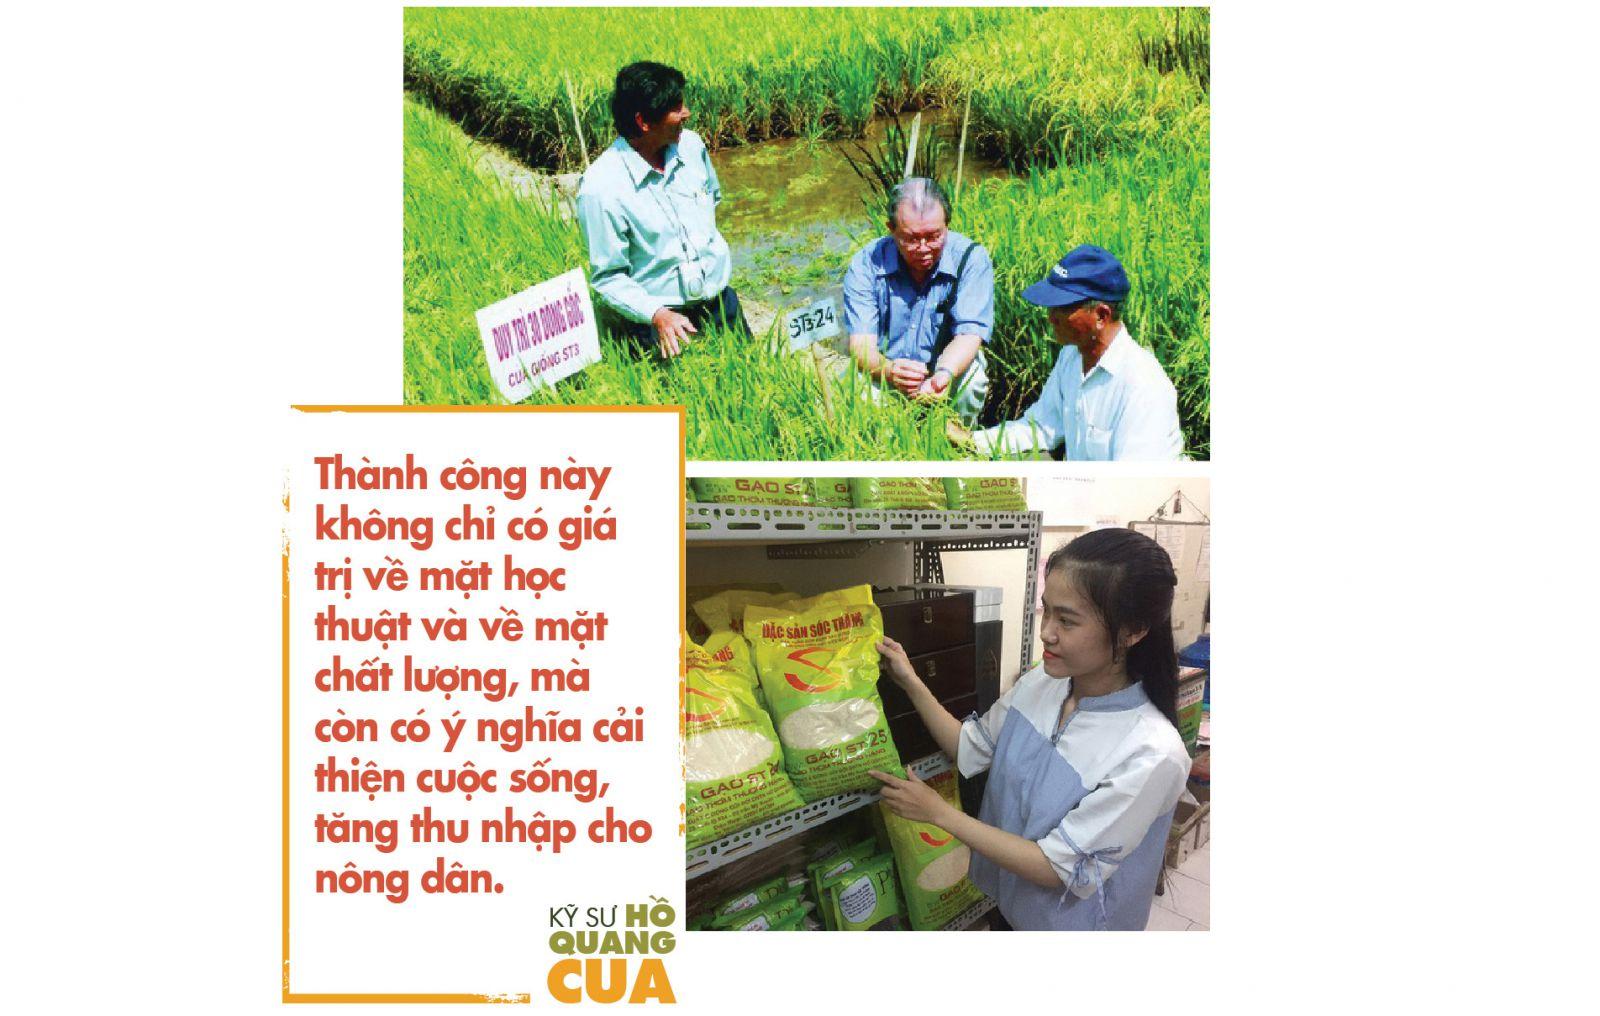 thành công này không chỉ có giá trị về mặt học thuật và về mặt chất lượng, mà còn có ý nghĩa cải thiện cuộc sống, tăng thu nhập cho nông dân. https://gaophuongnam.vn/hanh-trinh-25-nam-nghien-cuu-cua-cha-de-giong-gao-ngon-nhat-the-gioi-st25